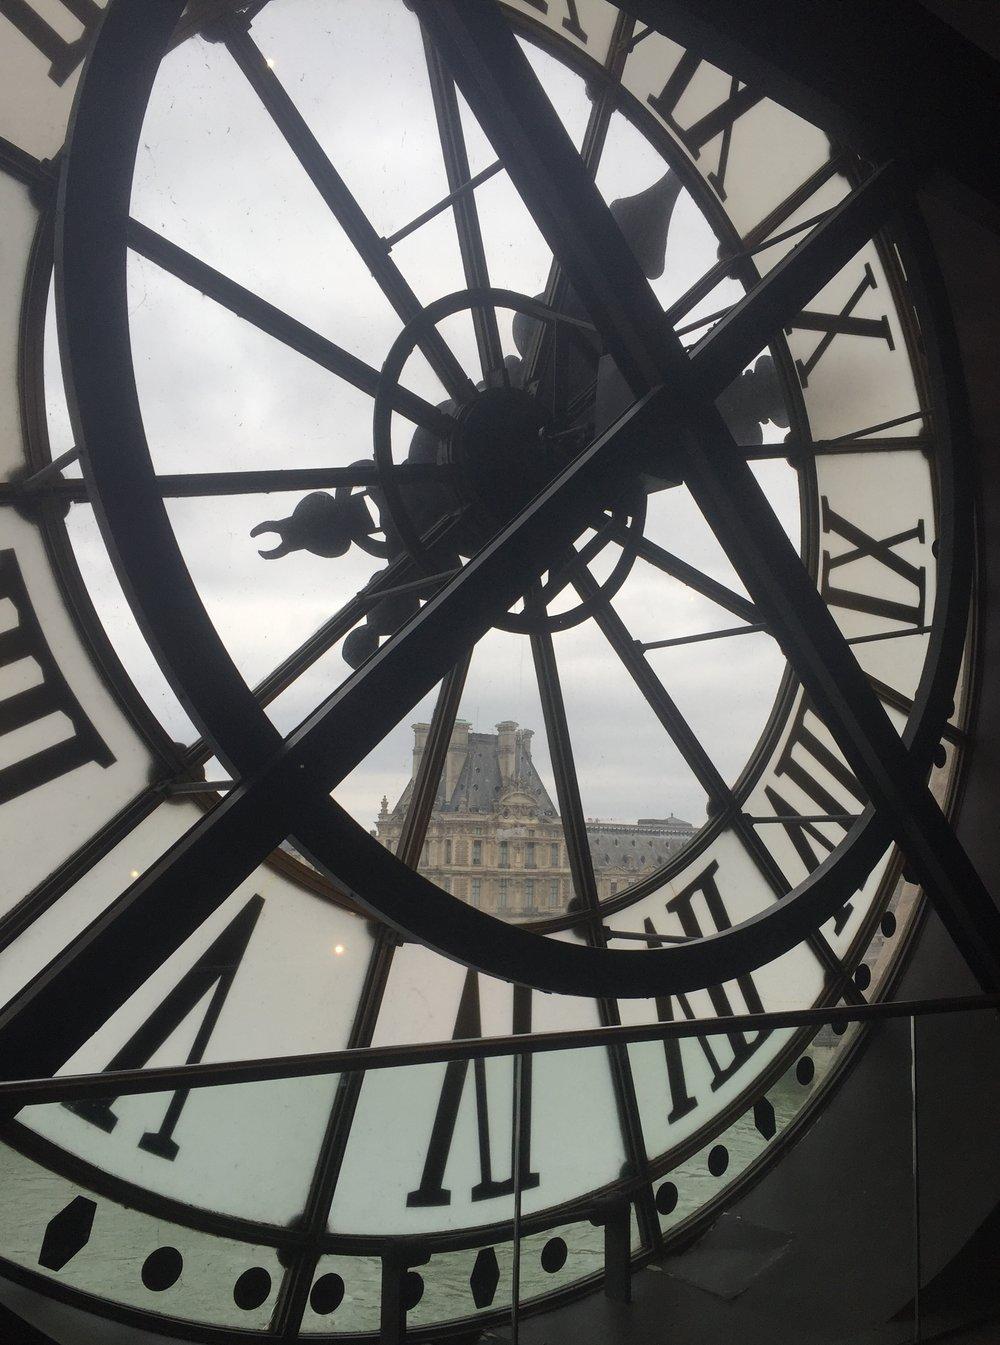 Vue sur le Louvre de la Musée d'Orsay.Photo by Allison Girard, 2017.